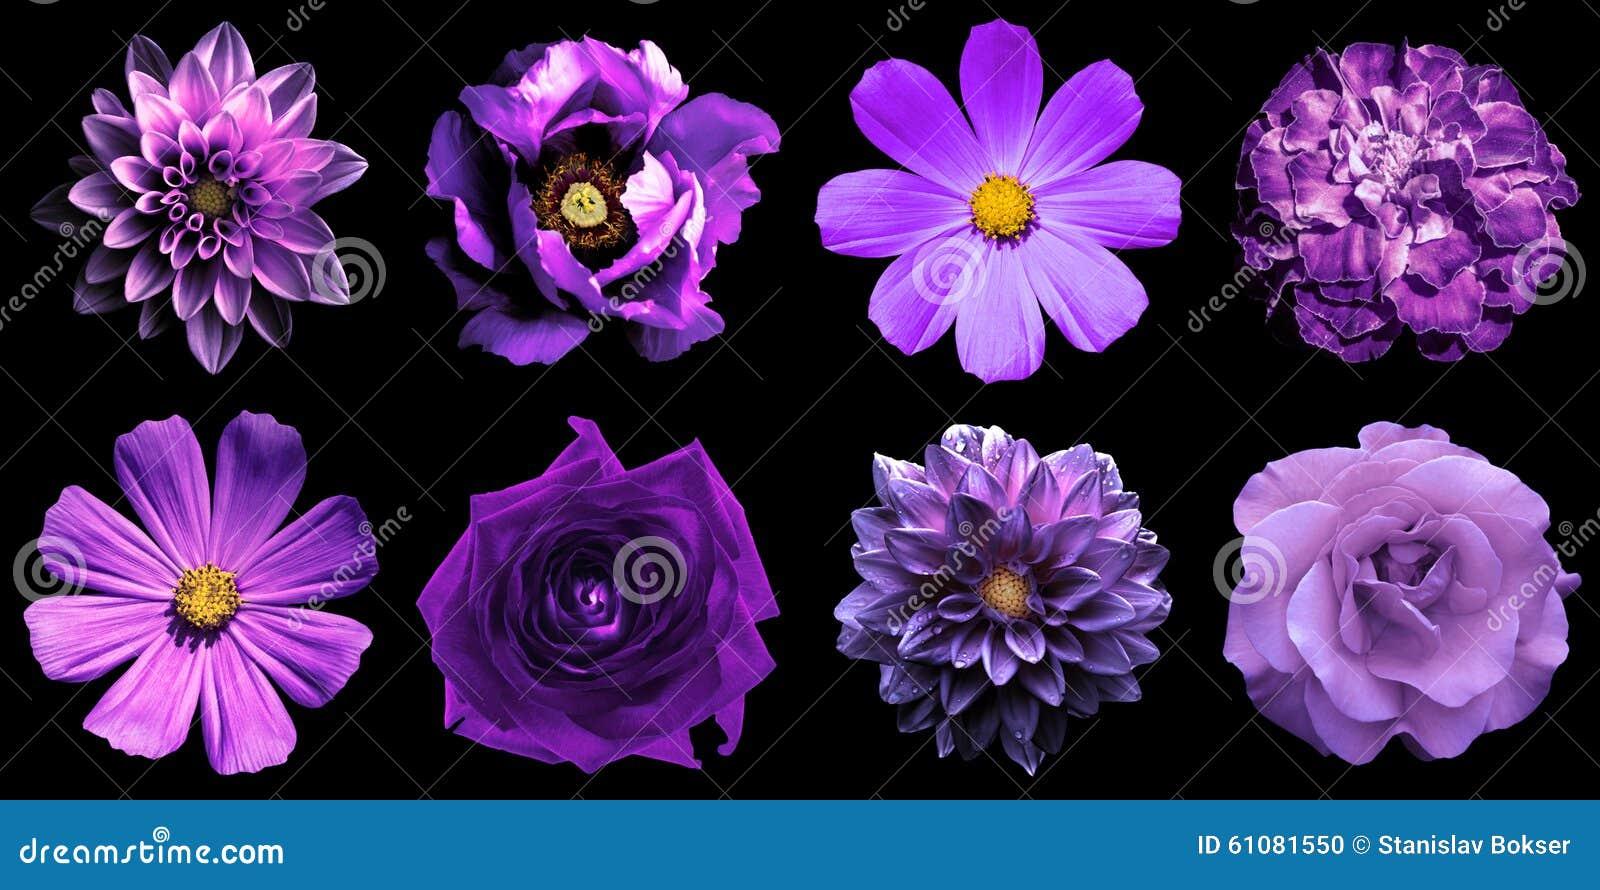 mélangez le collage des fleurs naturelles et surréalistes 8 de